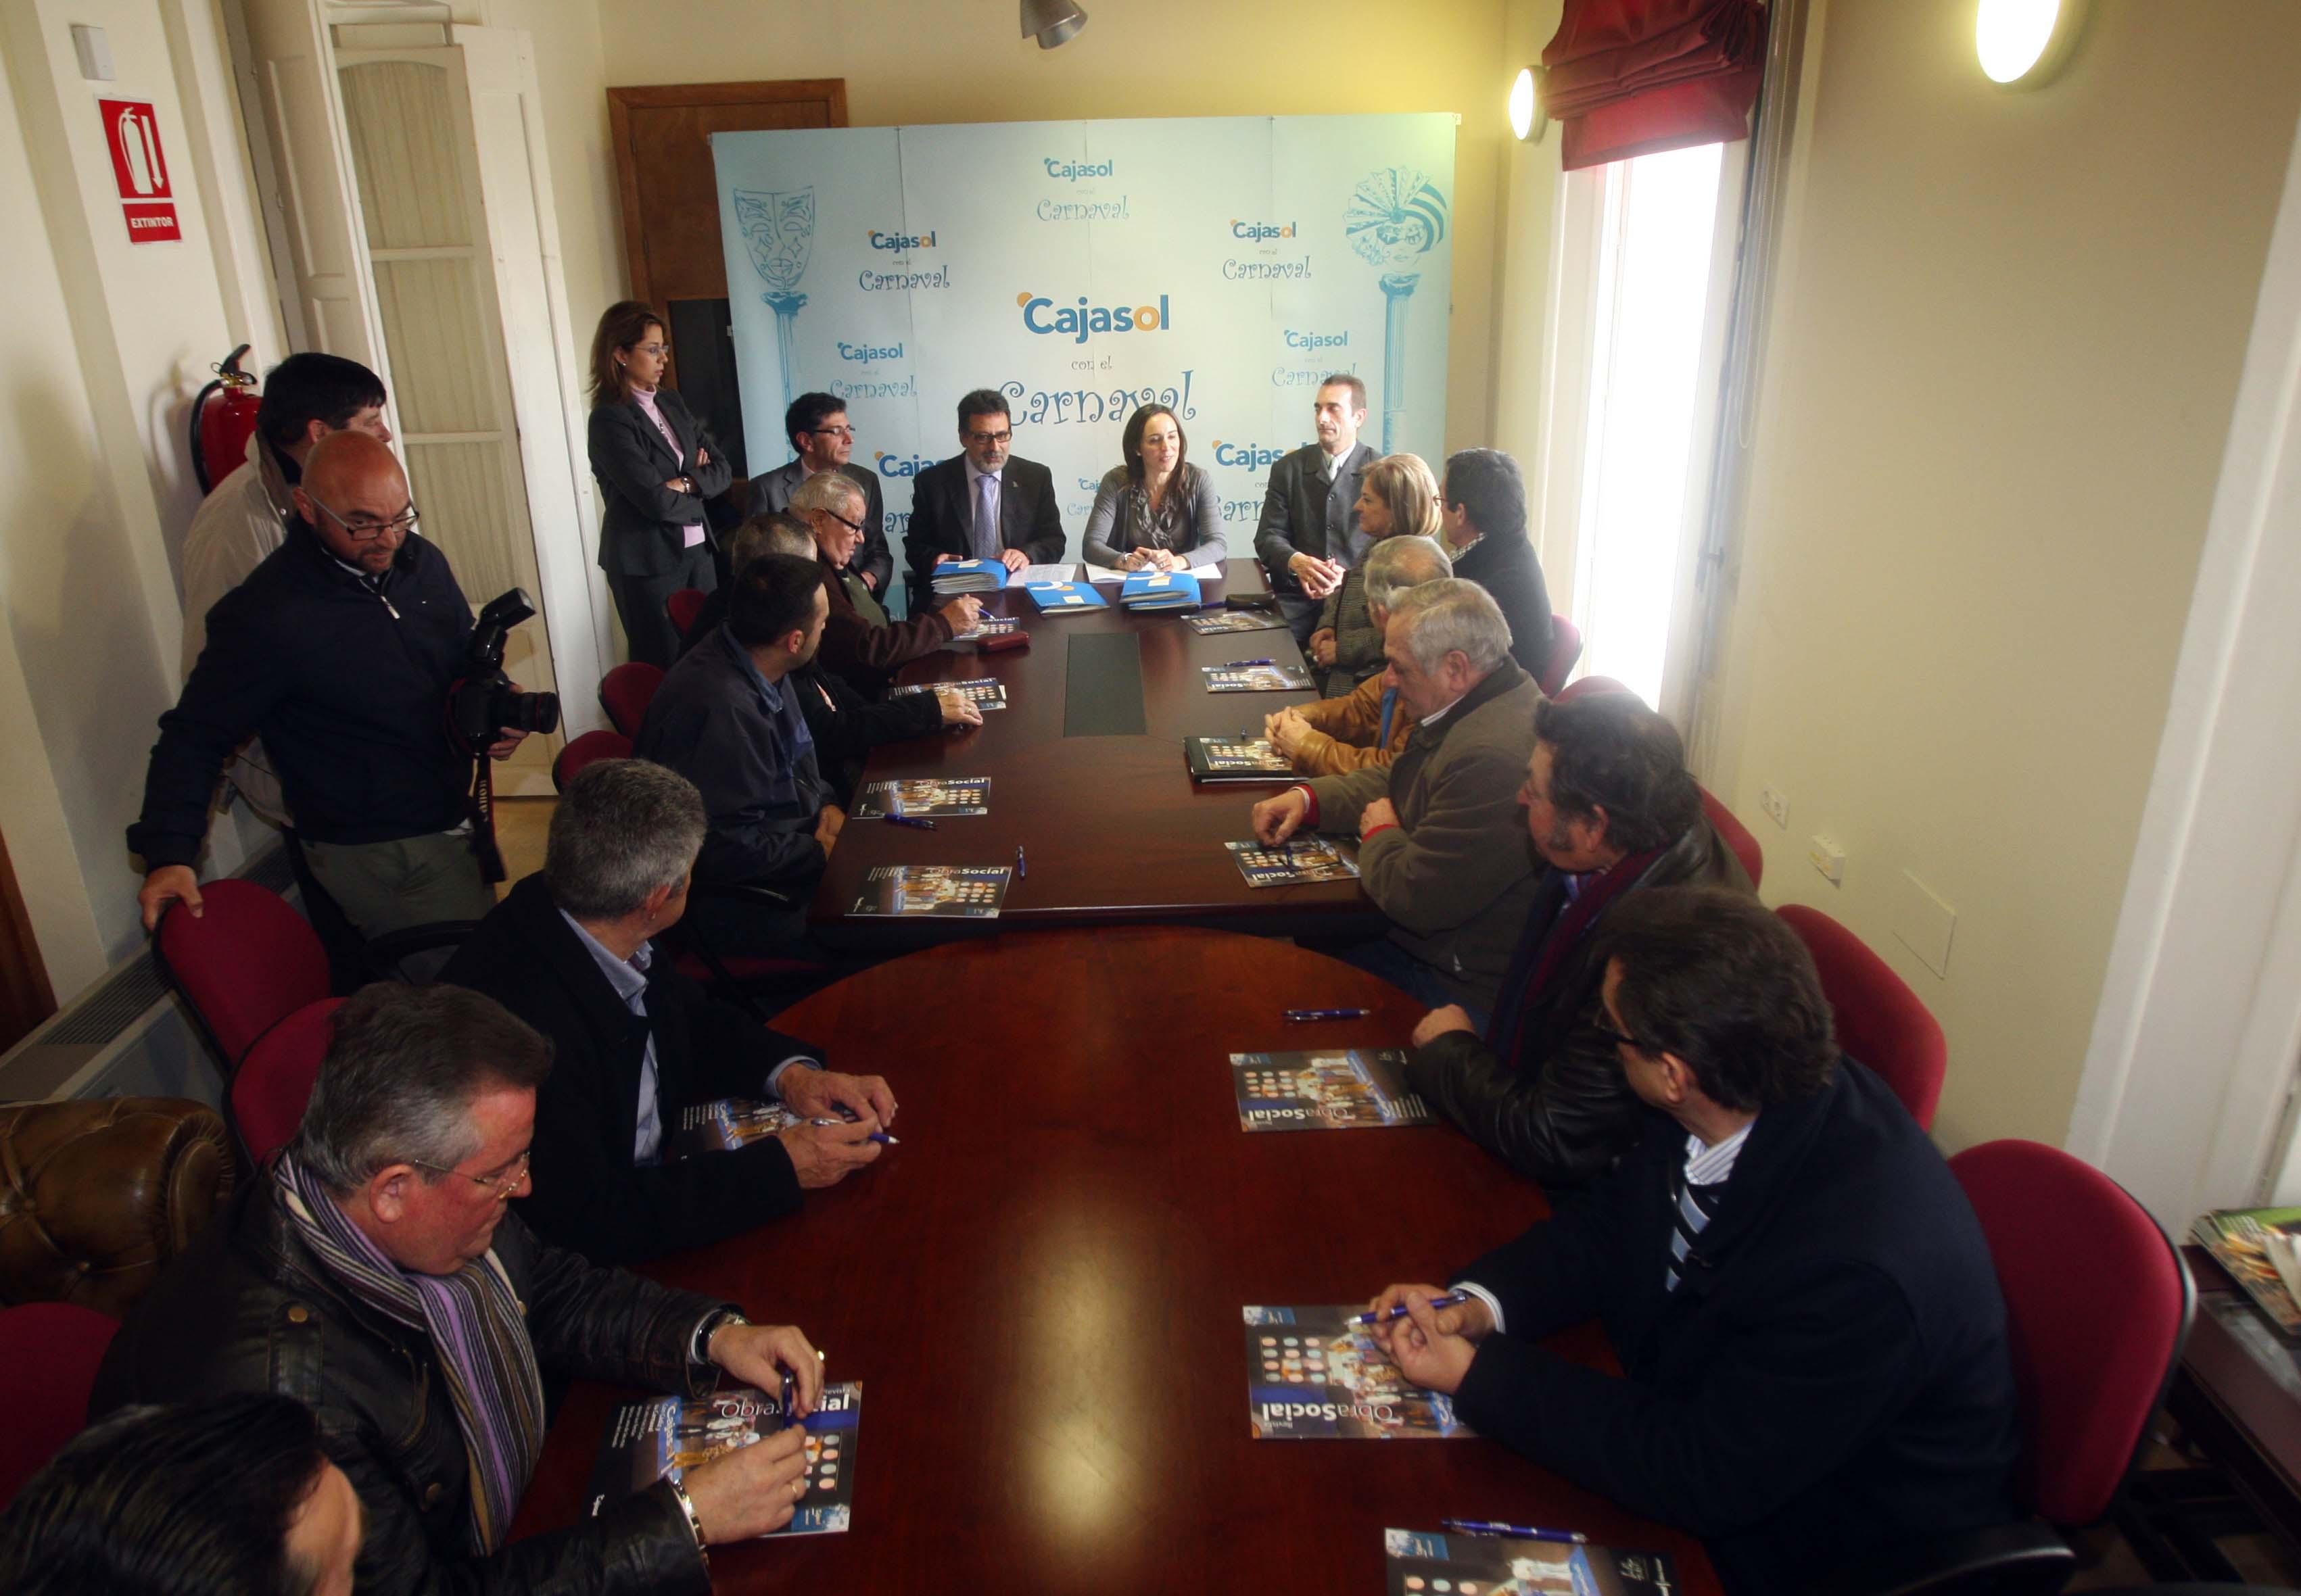 Convenio de Cajasol con la Federación de Peñas